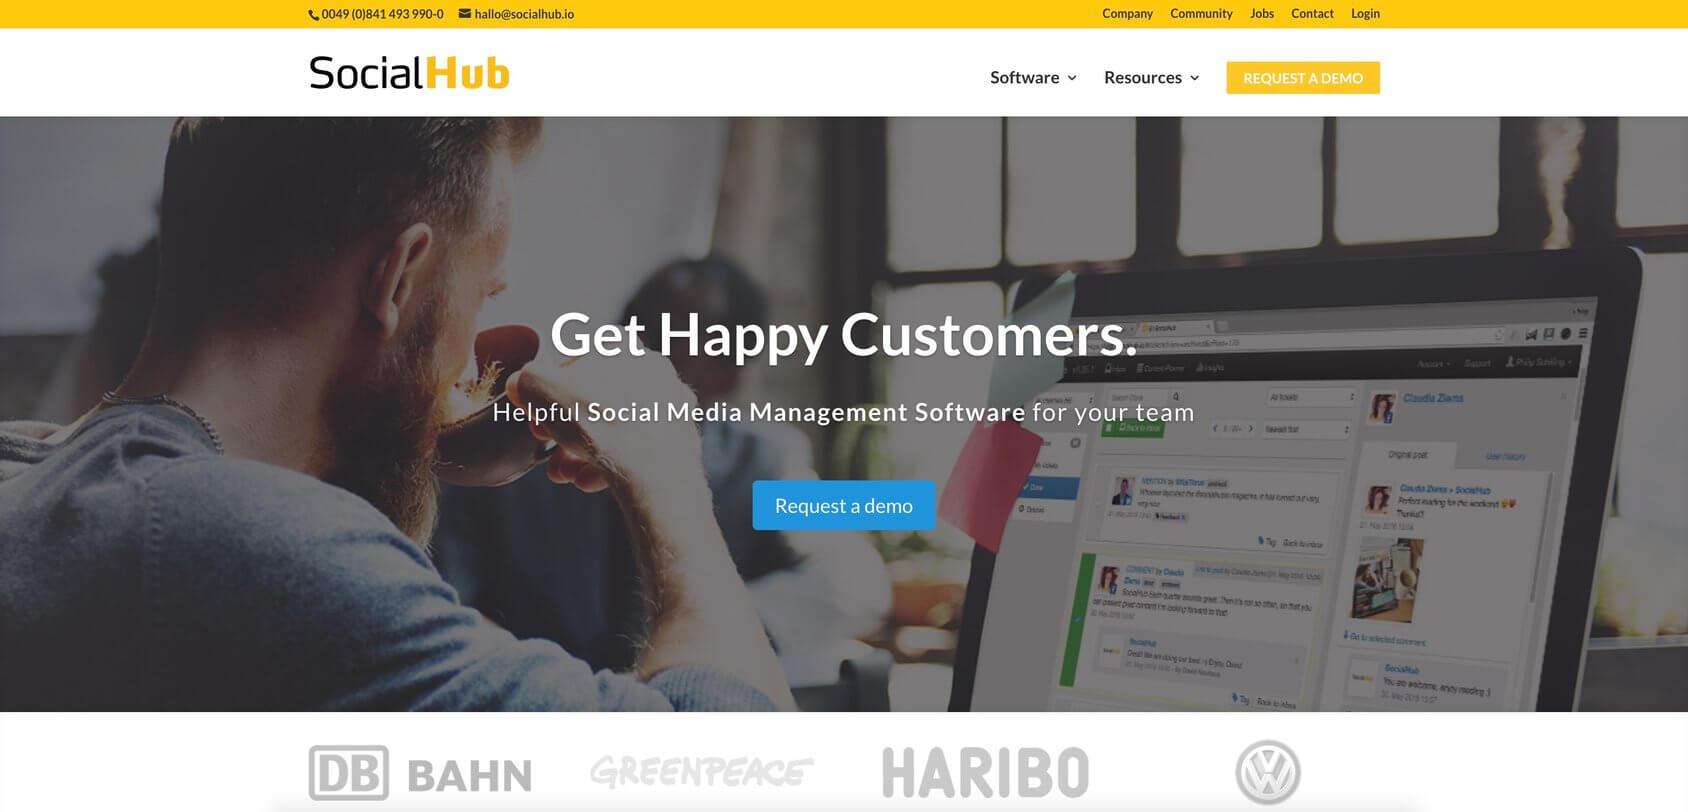 SocialHub homepage